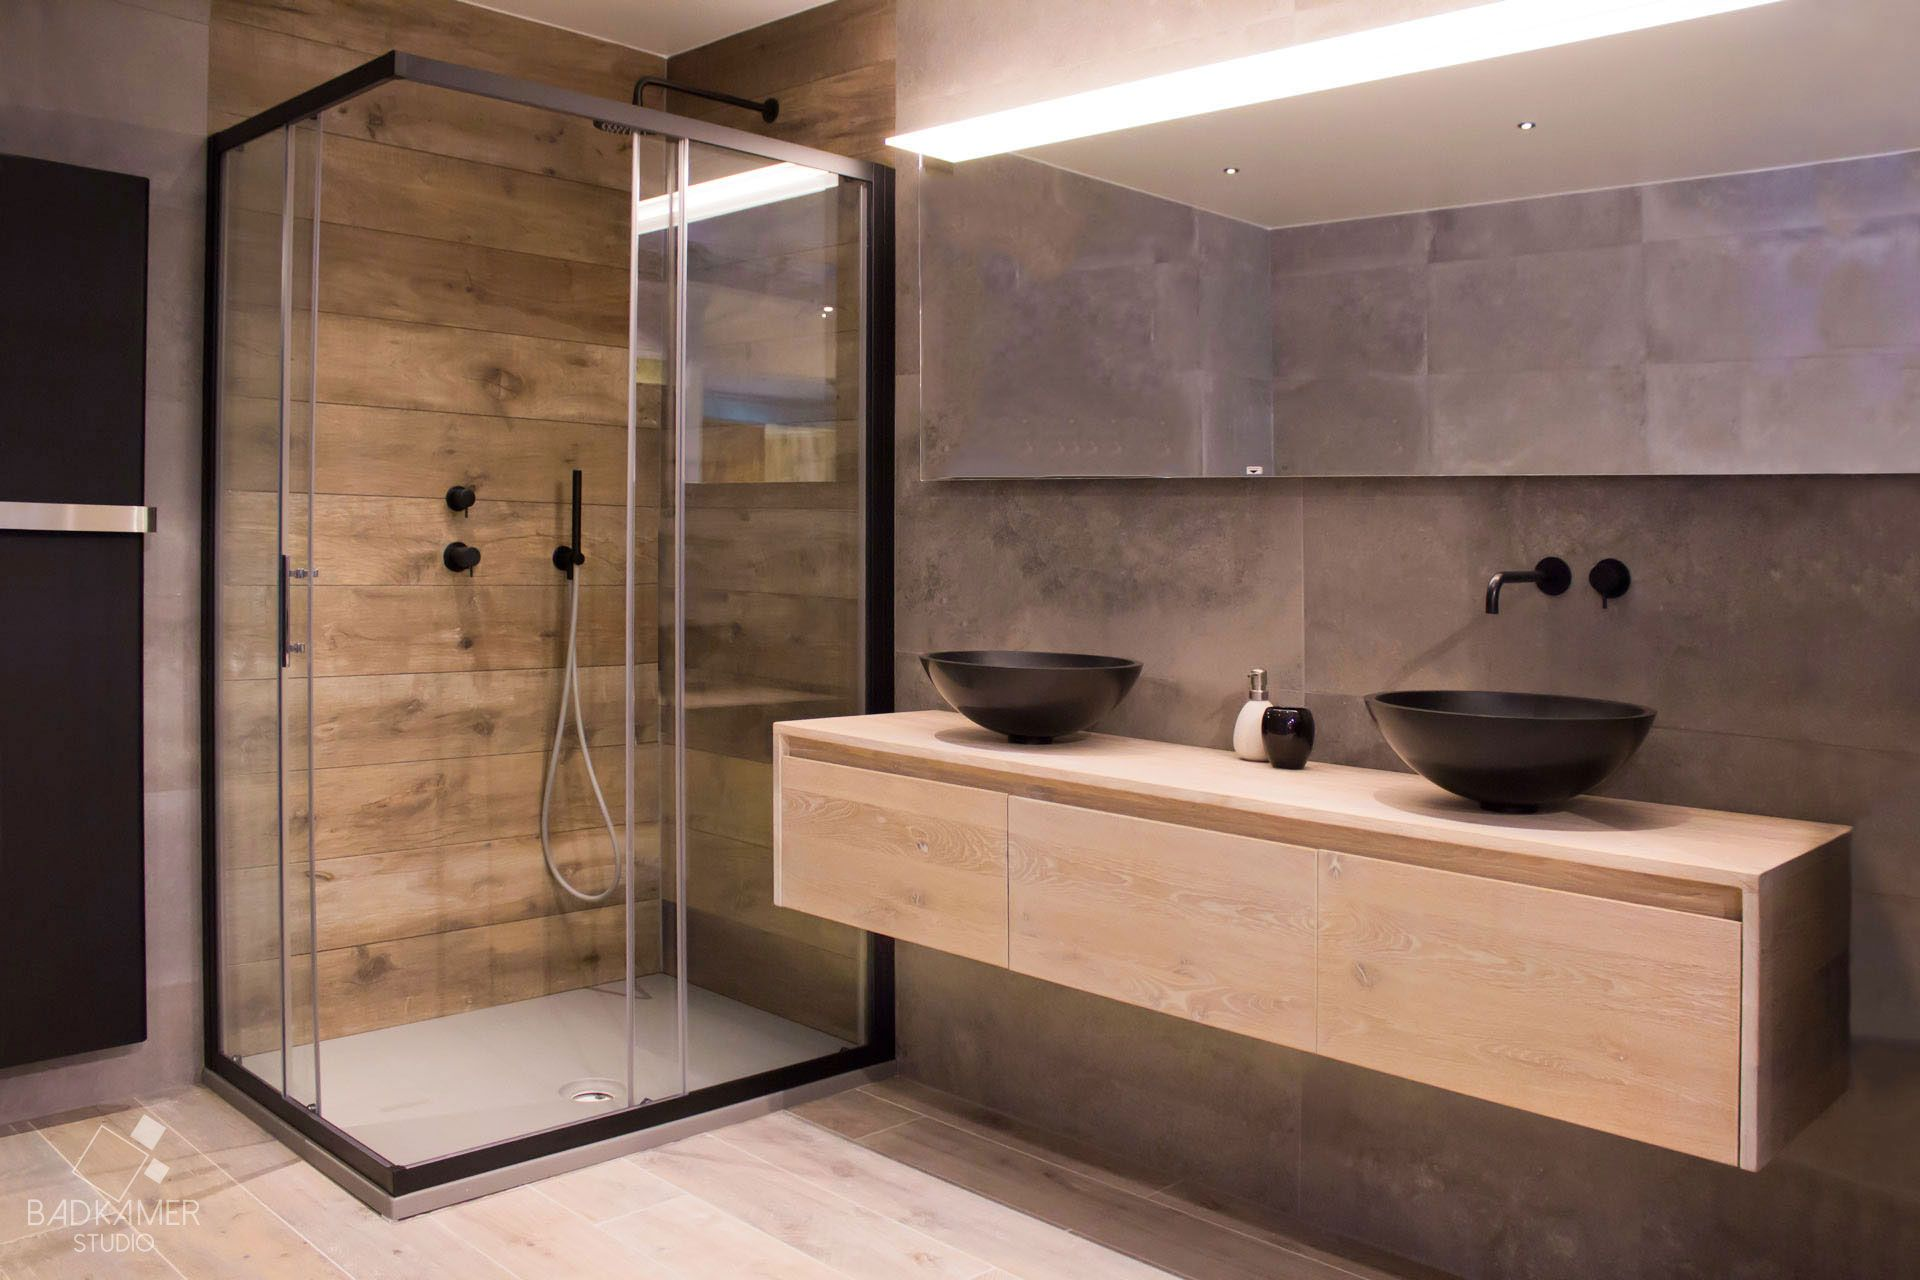 Mat Zwarte Kranen : Moderne maatwerk badkamer met kerlite tegels met houtlook op de